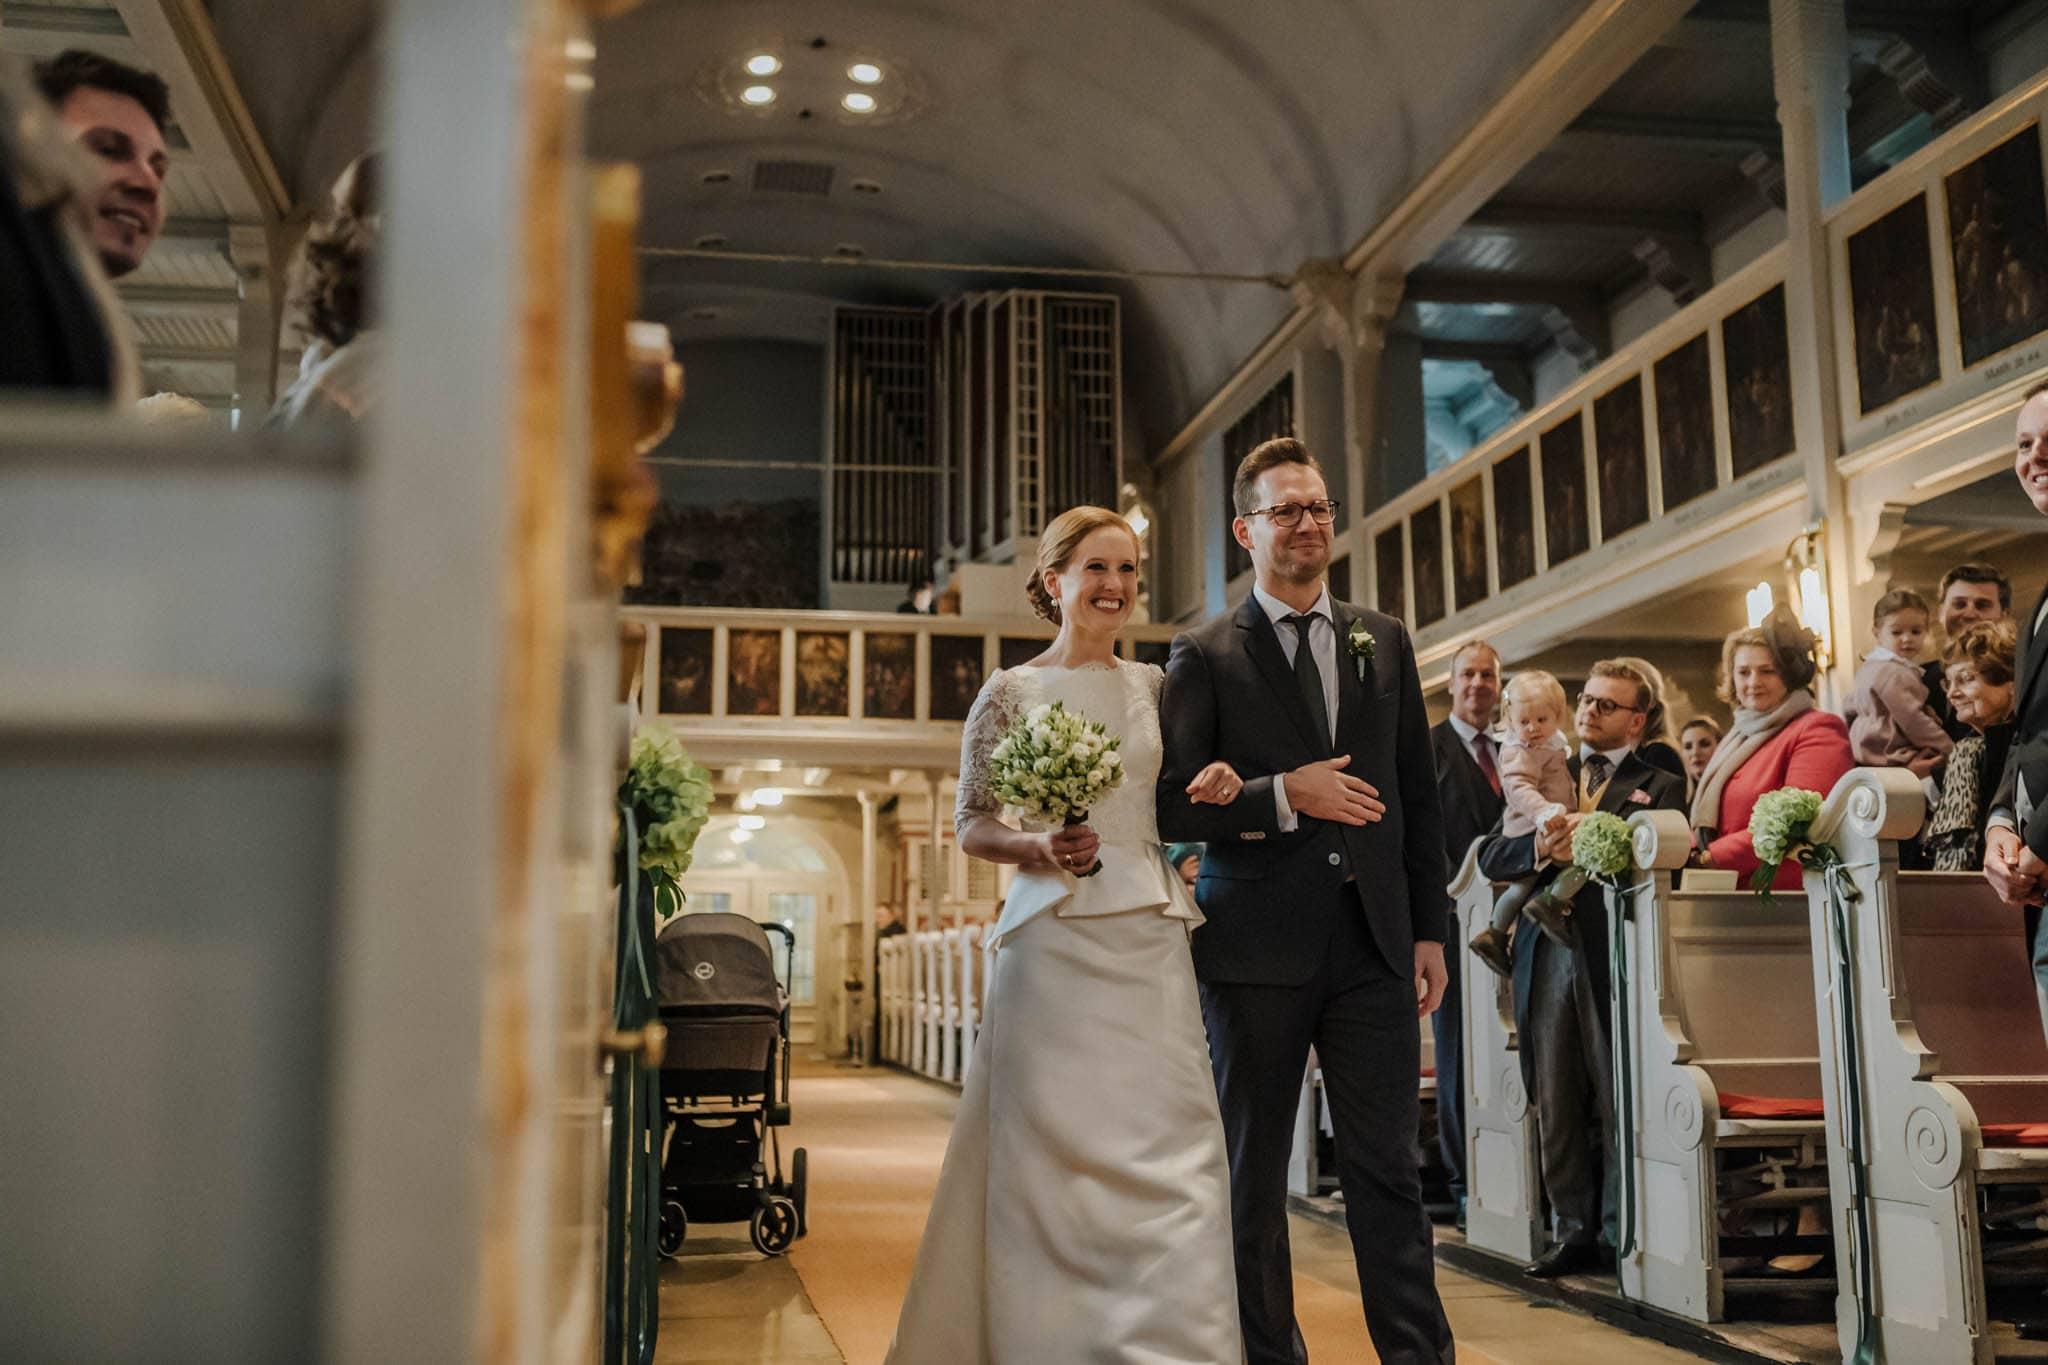 Hochzeitsfieber by Photo-Schomburg, Hochzeitsfotograf, Hamburg,Hochzeitstag, Hochzeitspaar, Braut, Bräutigam, Literaturhauscafe Hamburg-31